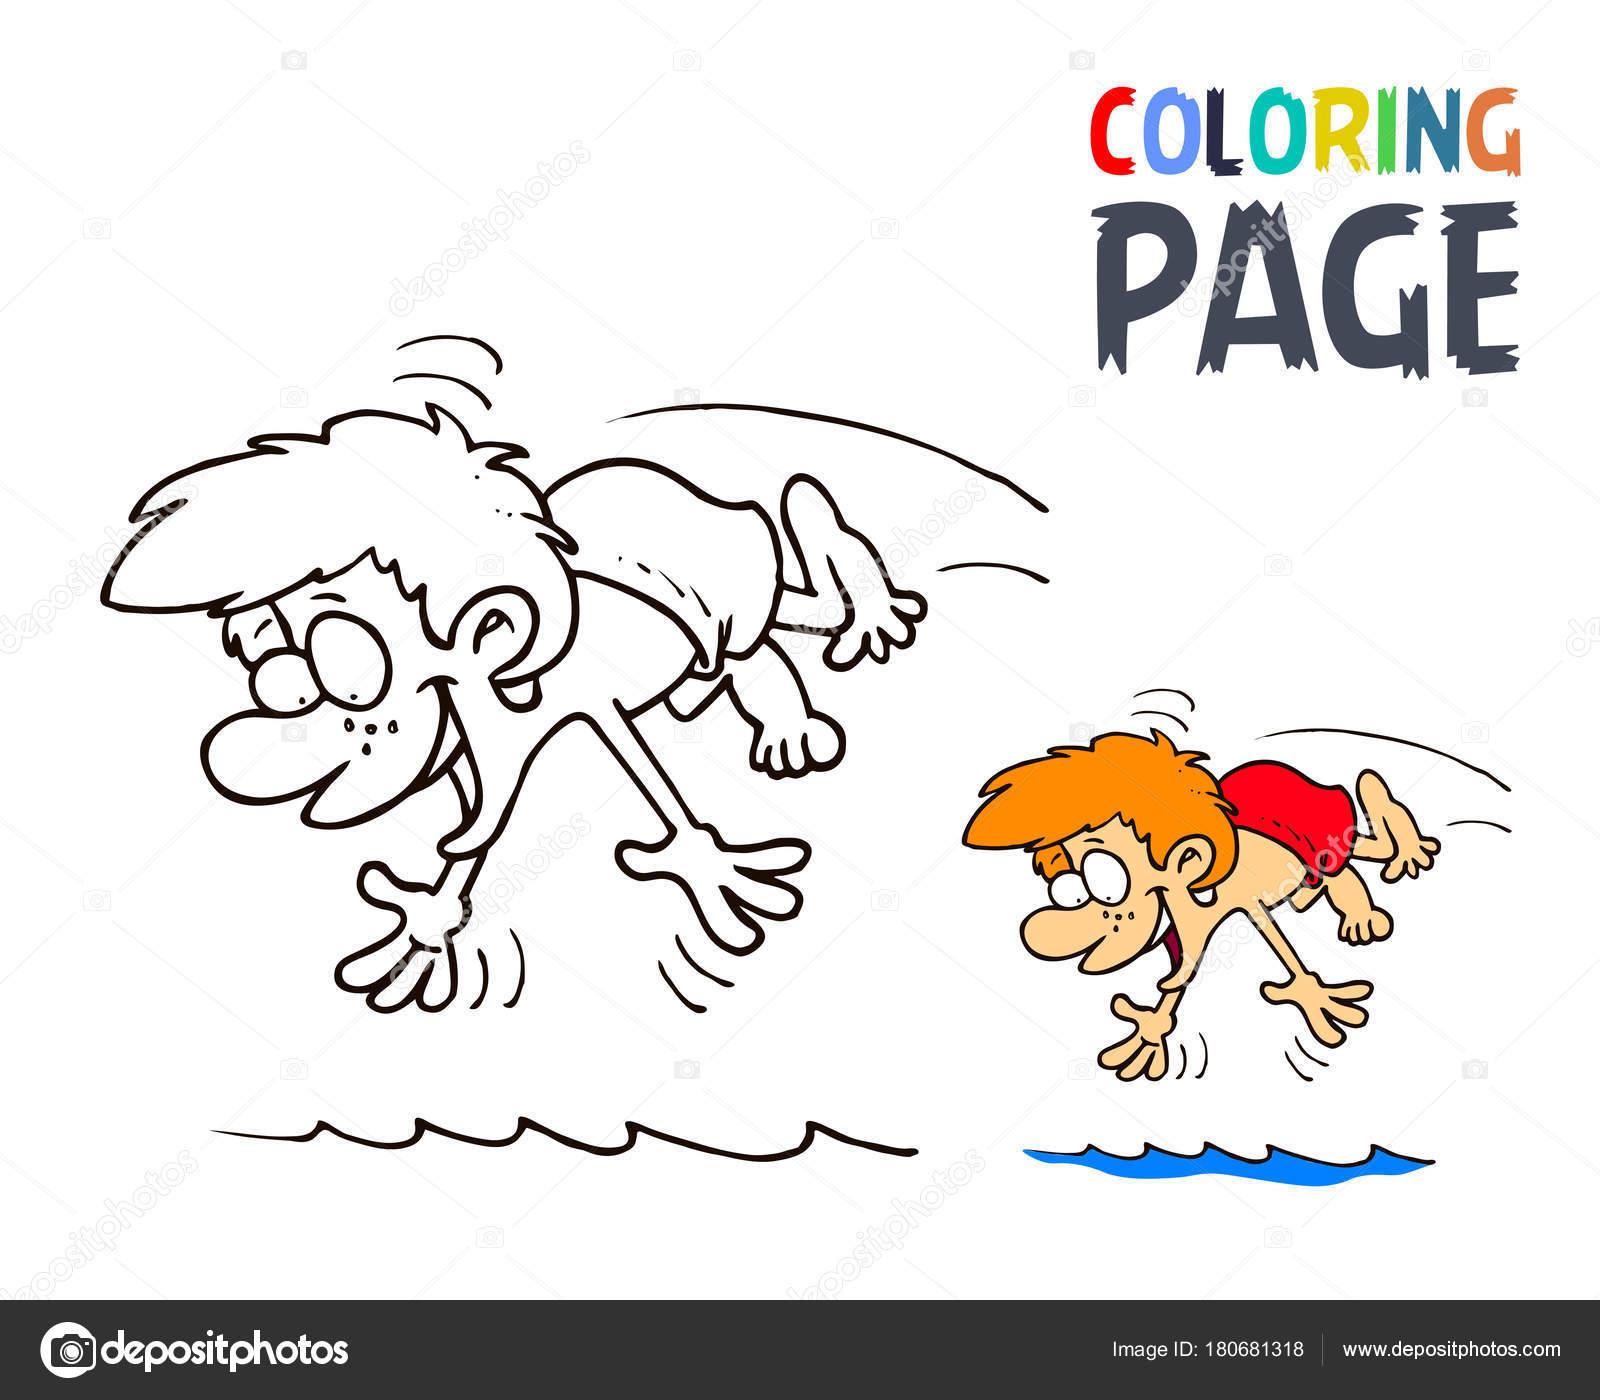 Junge, plantschen im Wasser Cartoon Malvorlagen — Stockvektor ...